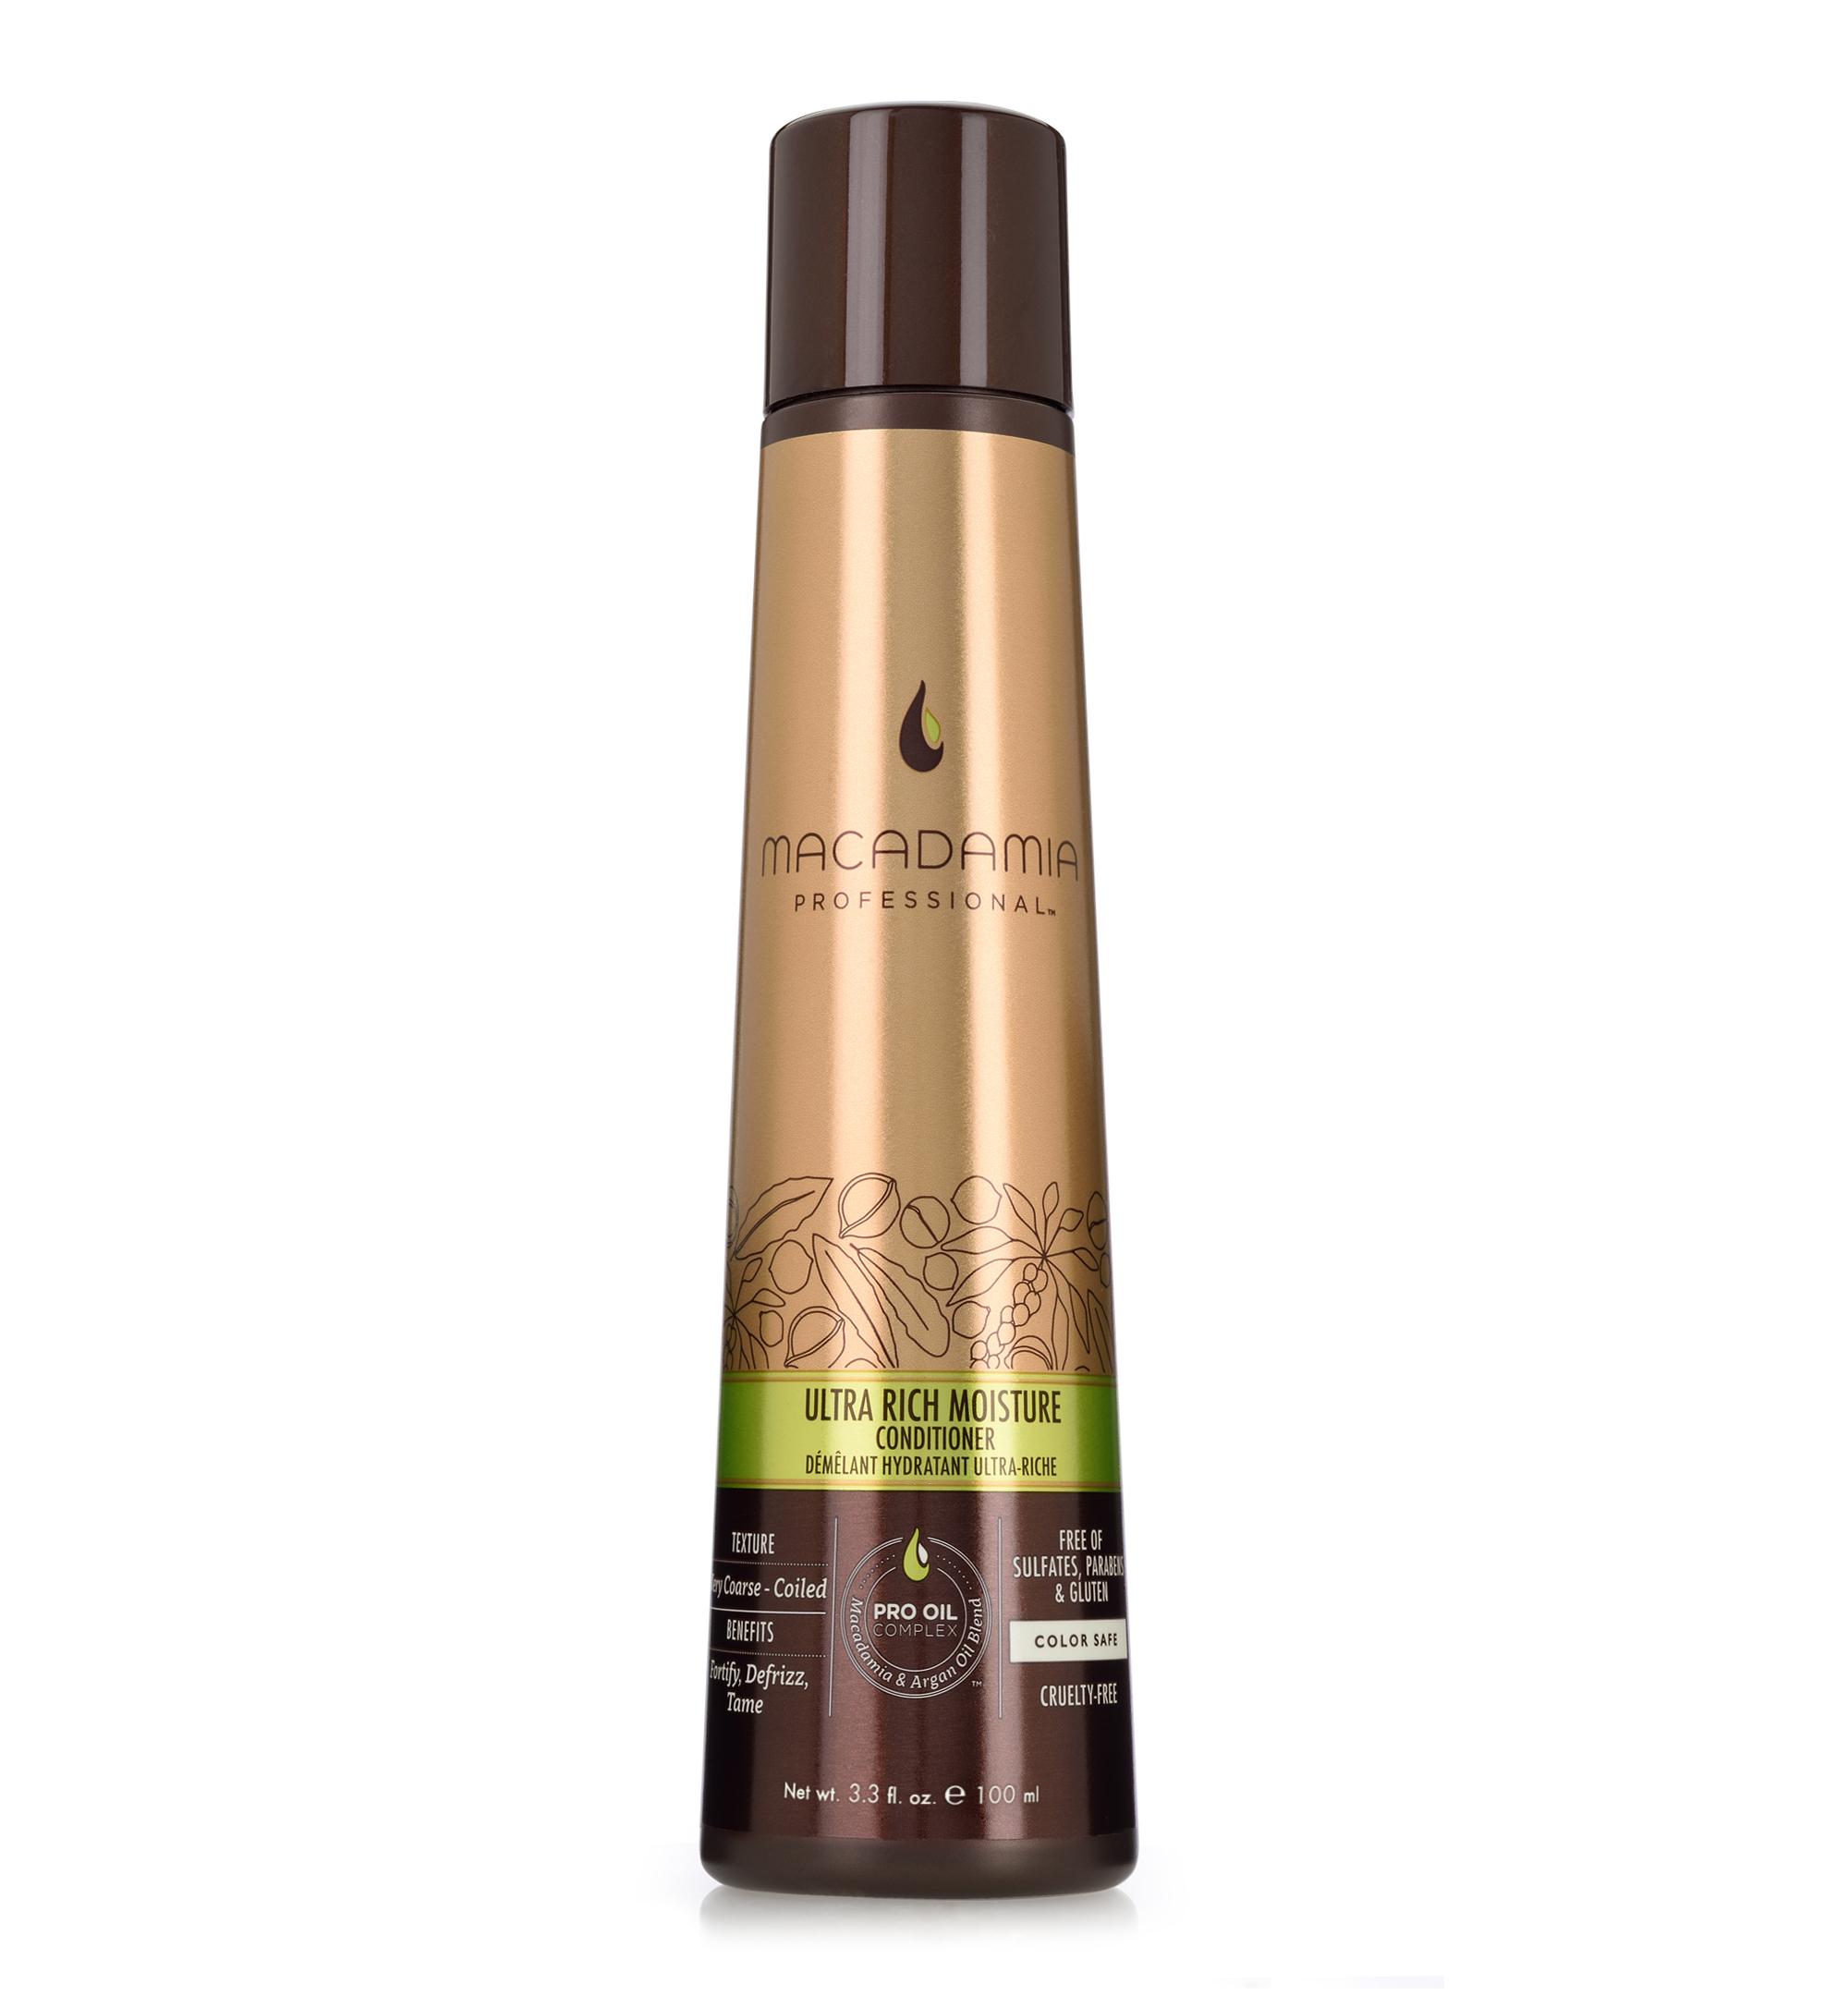 Macadamia Professional Кондиционер увлажняющий для жестких волос, 100 мл200301Сочетание эксклюзивного комплекса Pro Oil Complex, масел авокадо и монгонго в увлажняющем кондиционере Macadamia Professional обеспечивает интенсивное восстановление и увлажнение волос, устраняет эффект пушистости и подчеркивает естественную форму локонов и текстуру волос.Сочетание аминокислот шелка, витаминов A, C и E укрепляет волосы и придает эластичность. Обеспечивает защиту от действия УФ-лучей и неблагоприятных факторов окружающей среды.